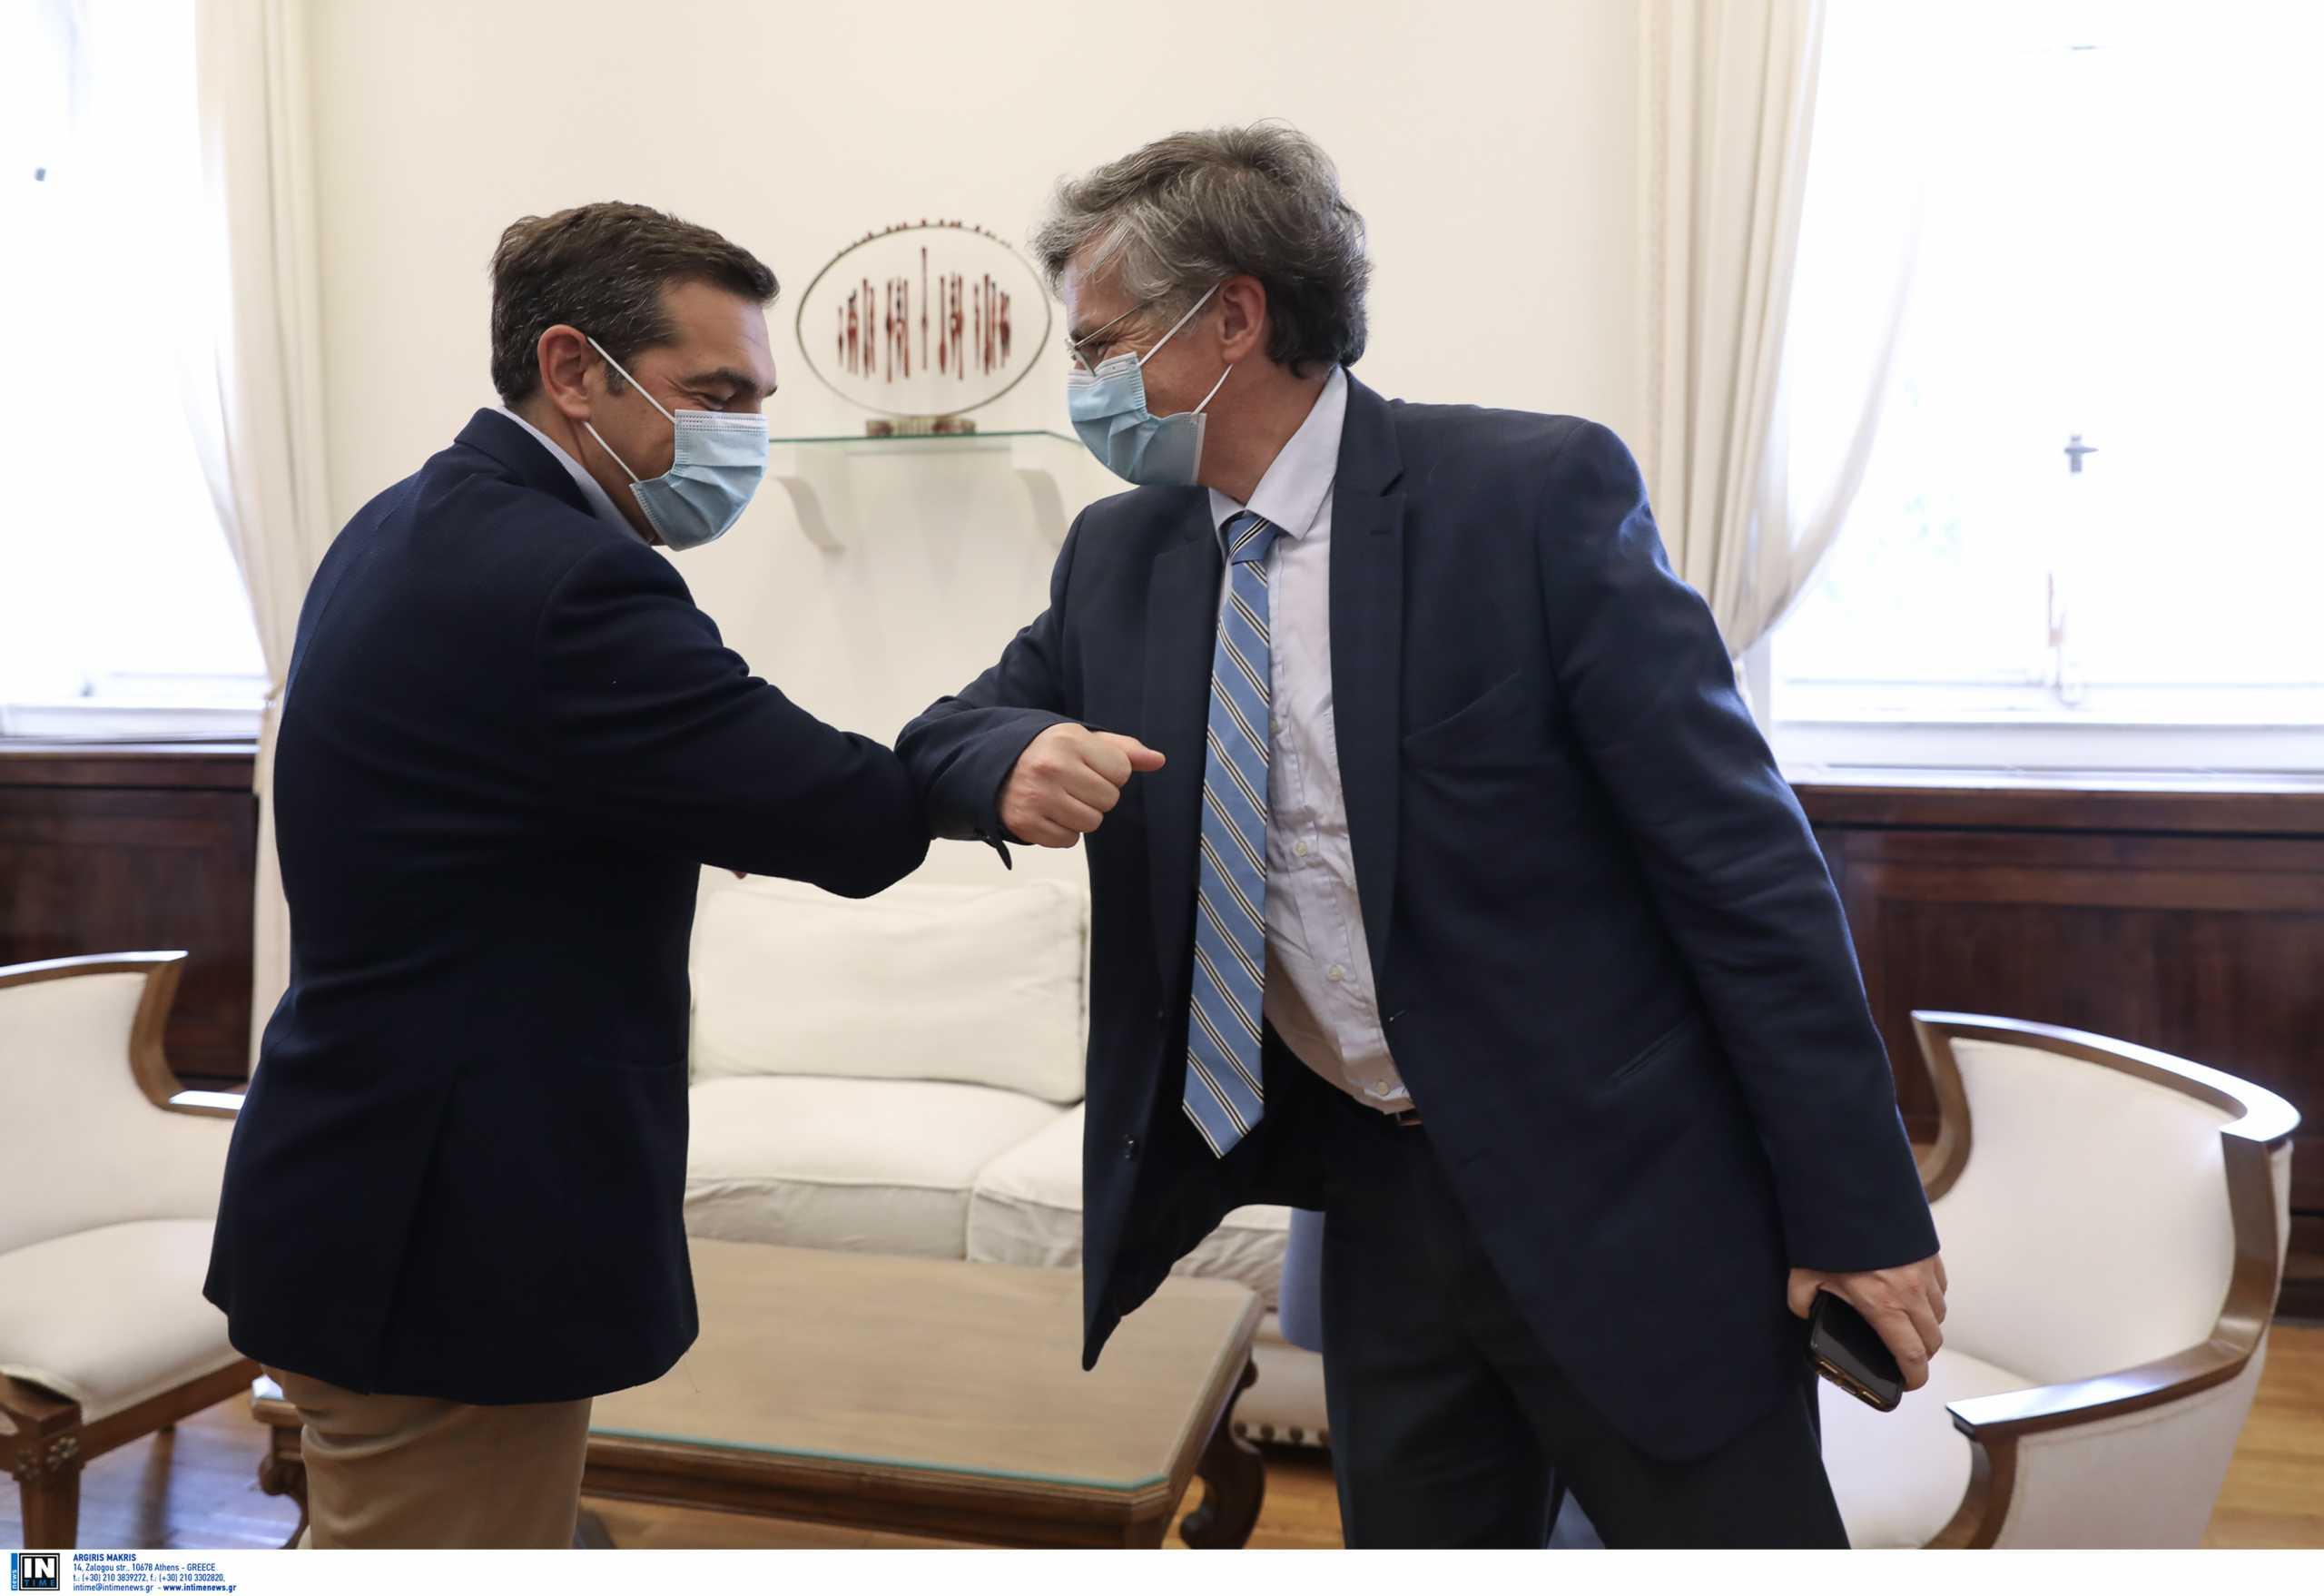 ΣΥΡΙΖΑ: Ομολογία αποτυχίας τα νέα μέτρα